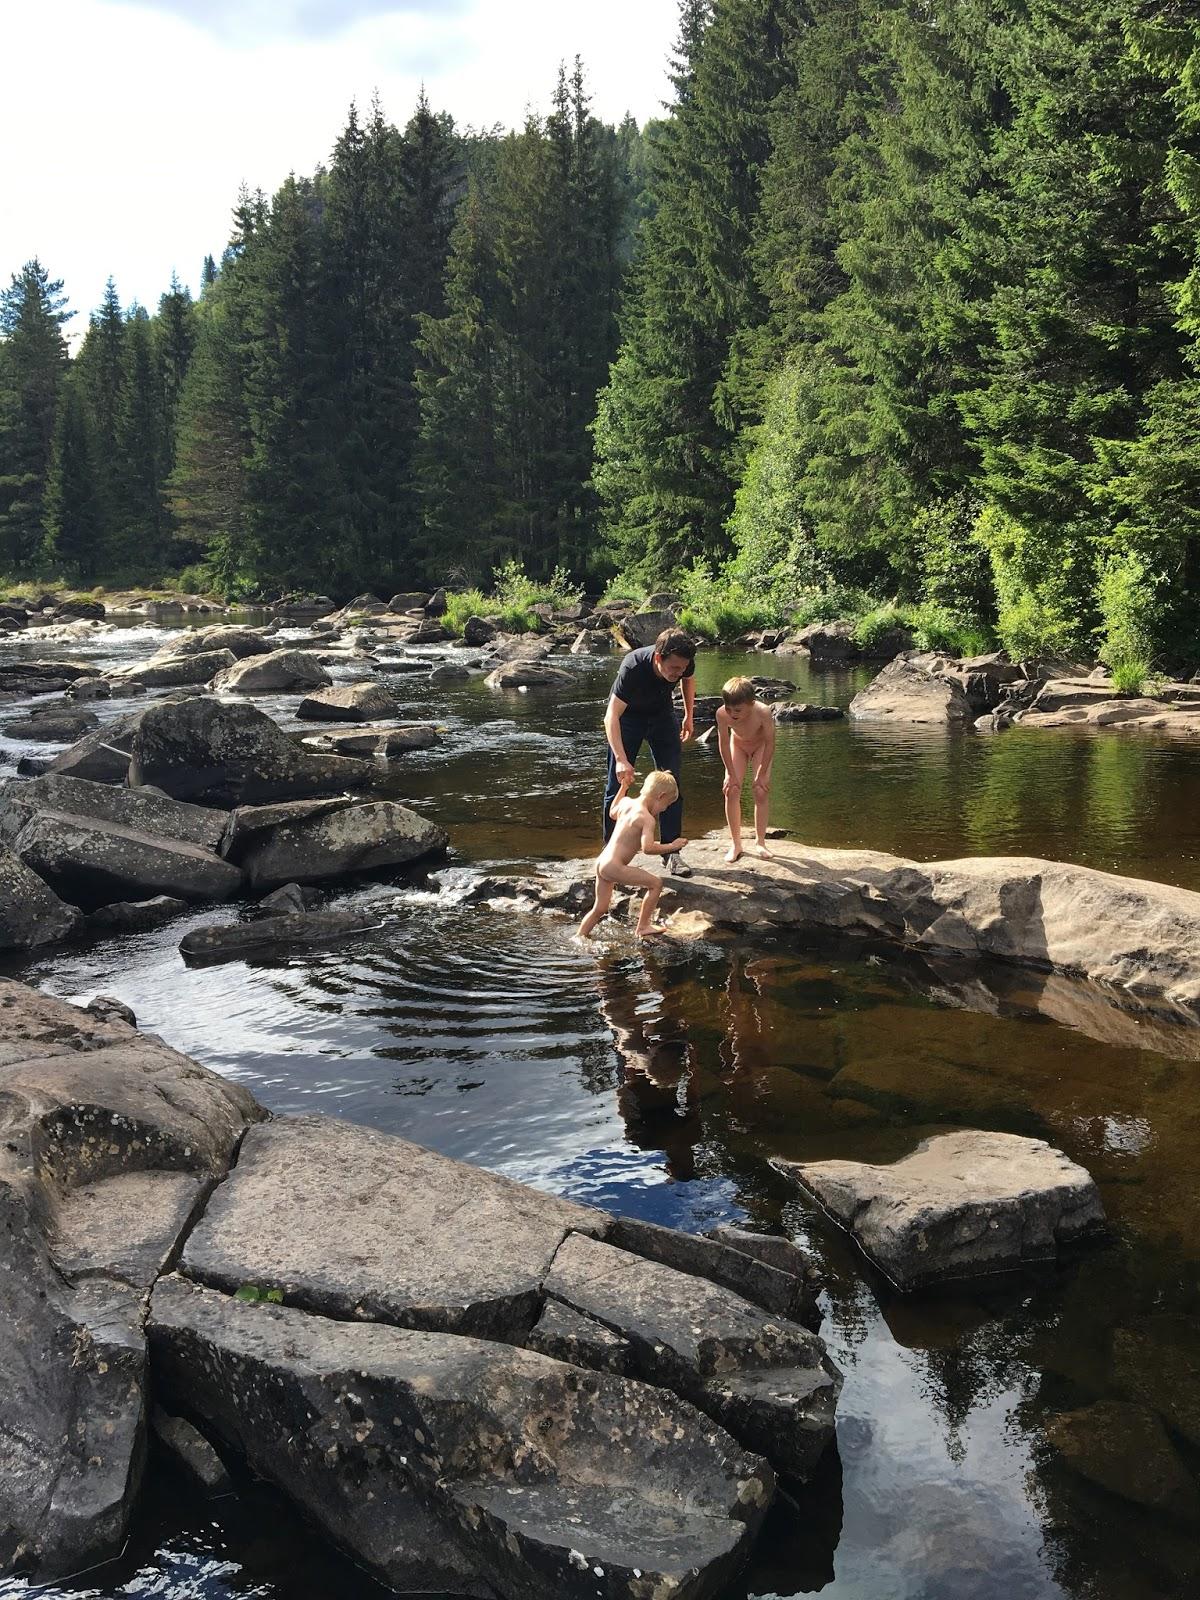 sommerferie i norge søker elsker